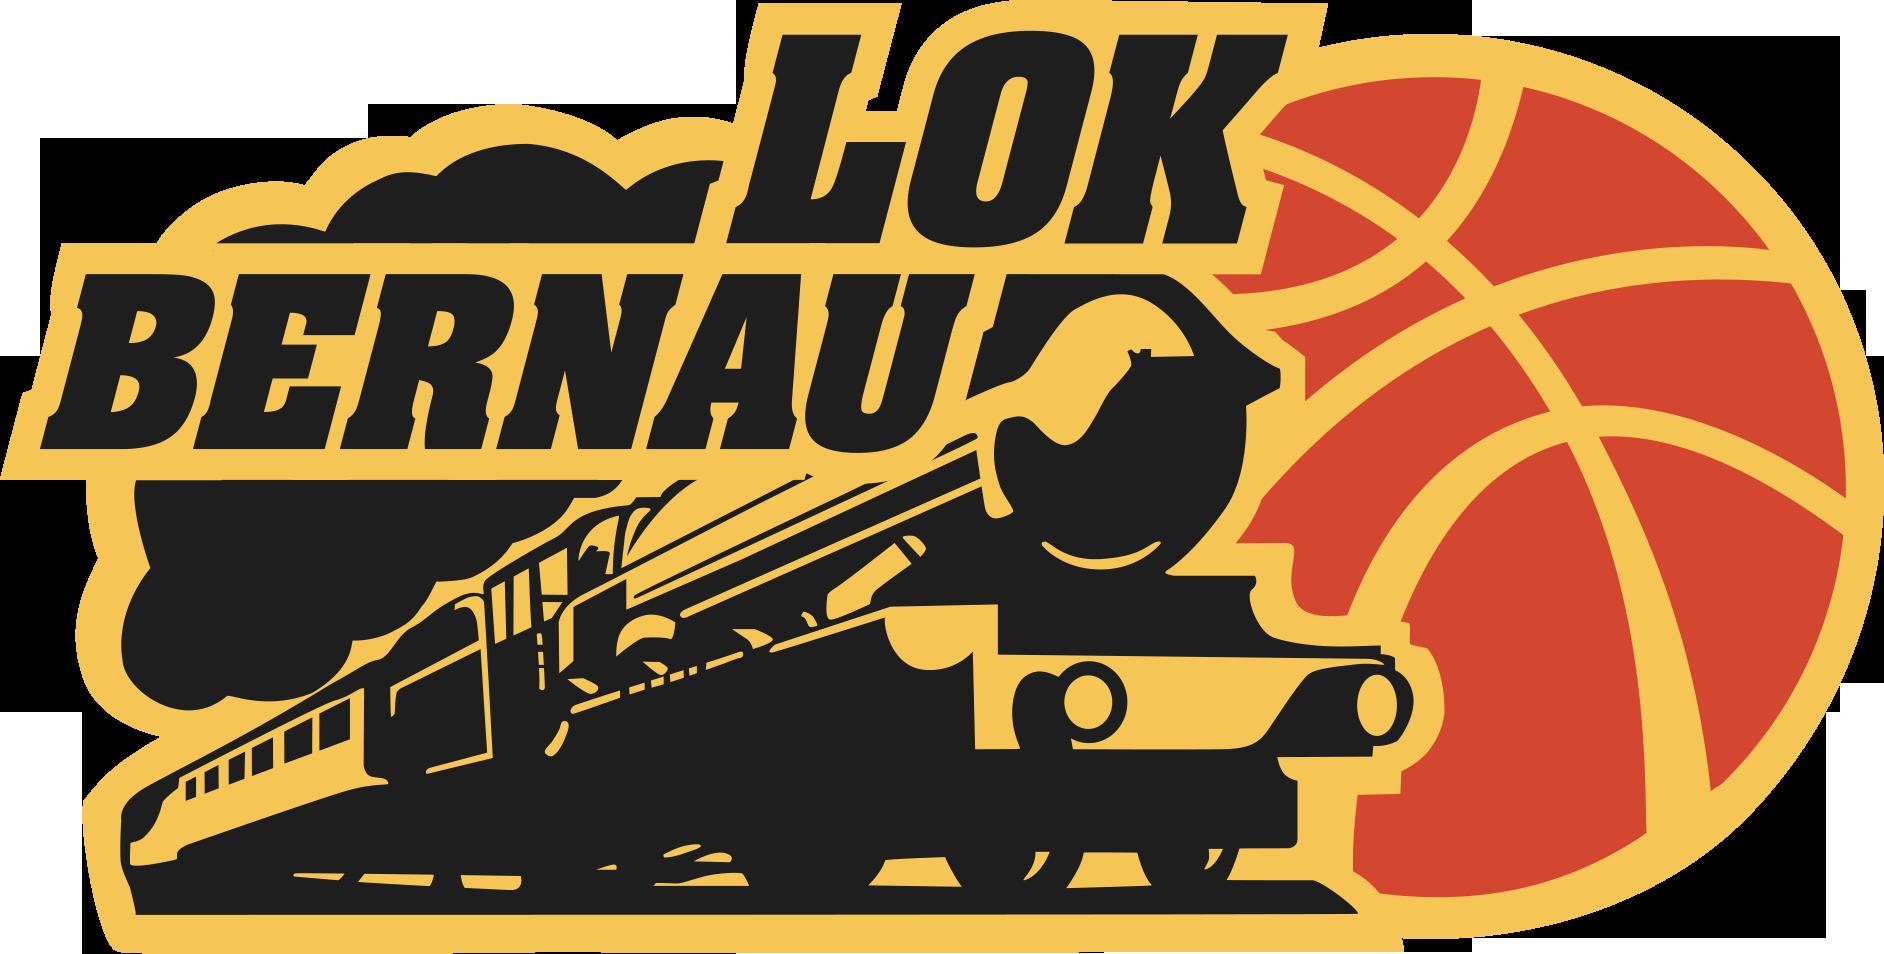 Image for Dresden Titans vs. LOK BERNAU